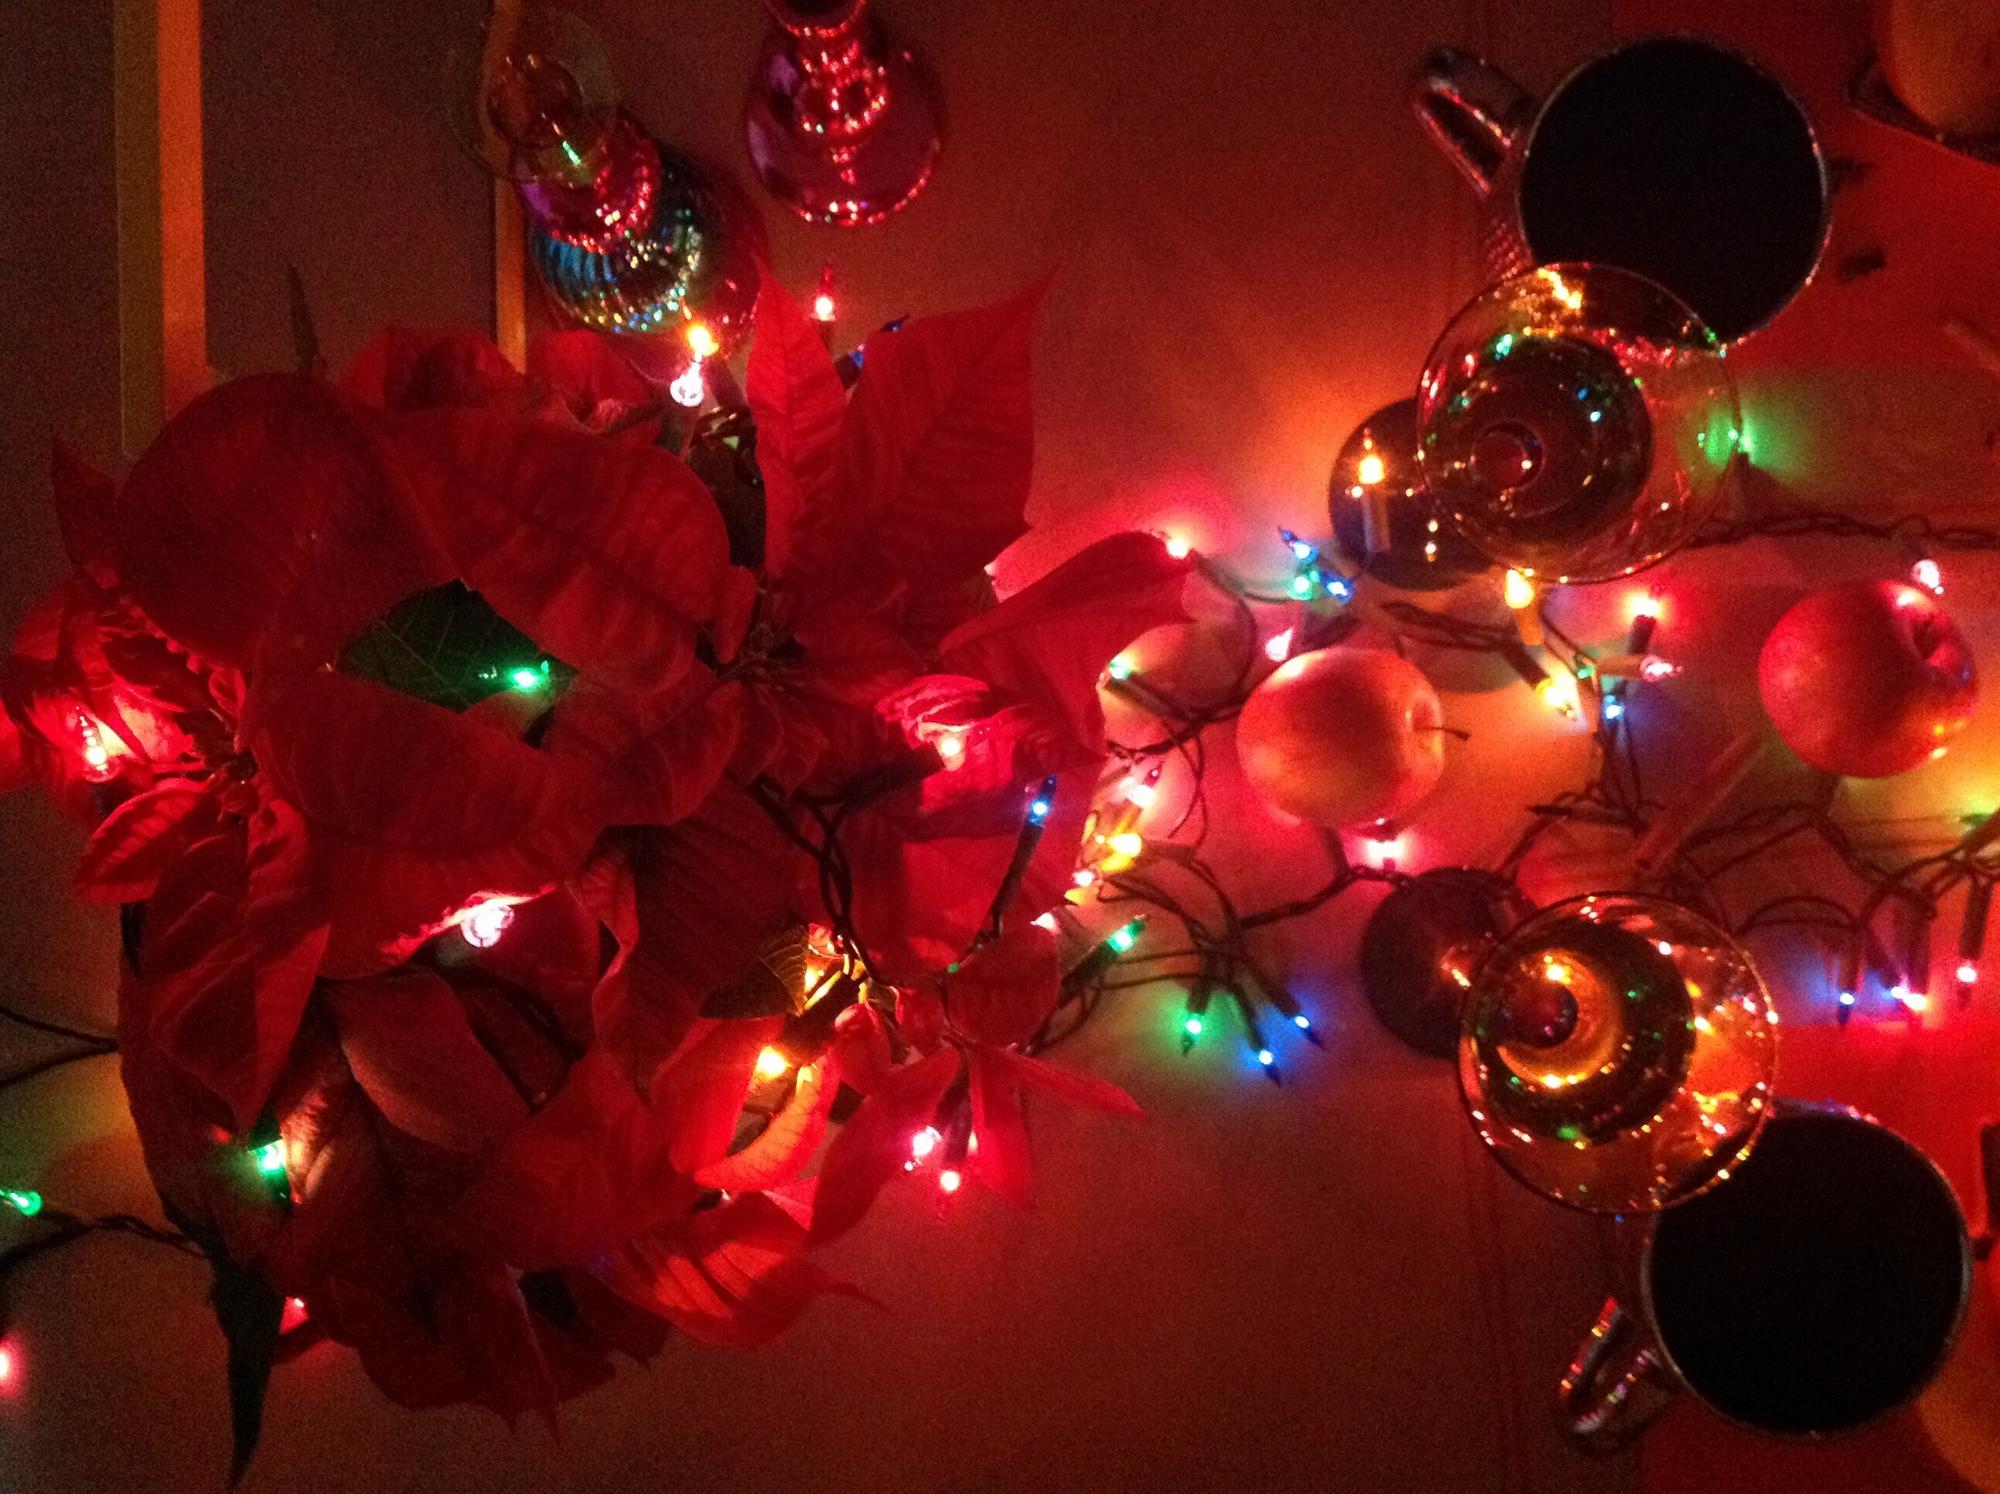 6 gwiazda_betlejemska_boze_narodzenie_wigilia_dekoracje_stol_na_swieta_pomysly_christmas_decorationg_ideas_home_decor_interio_design_holiday_table_setting_forelements_blog